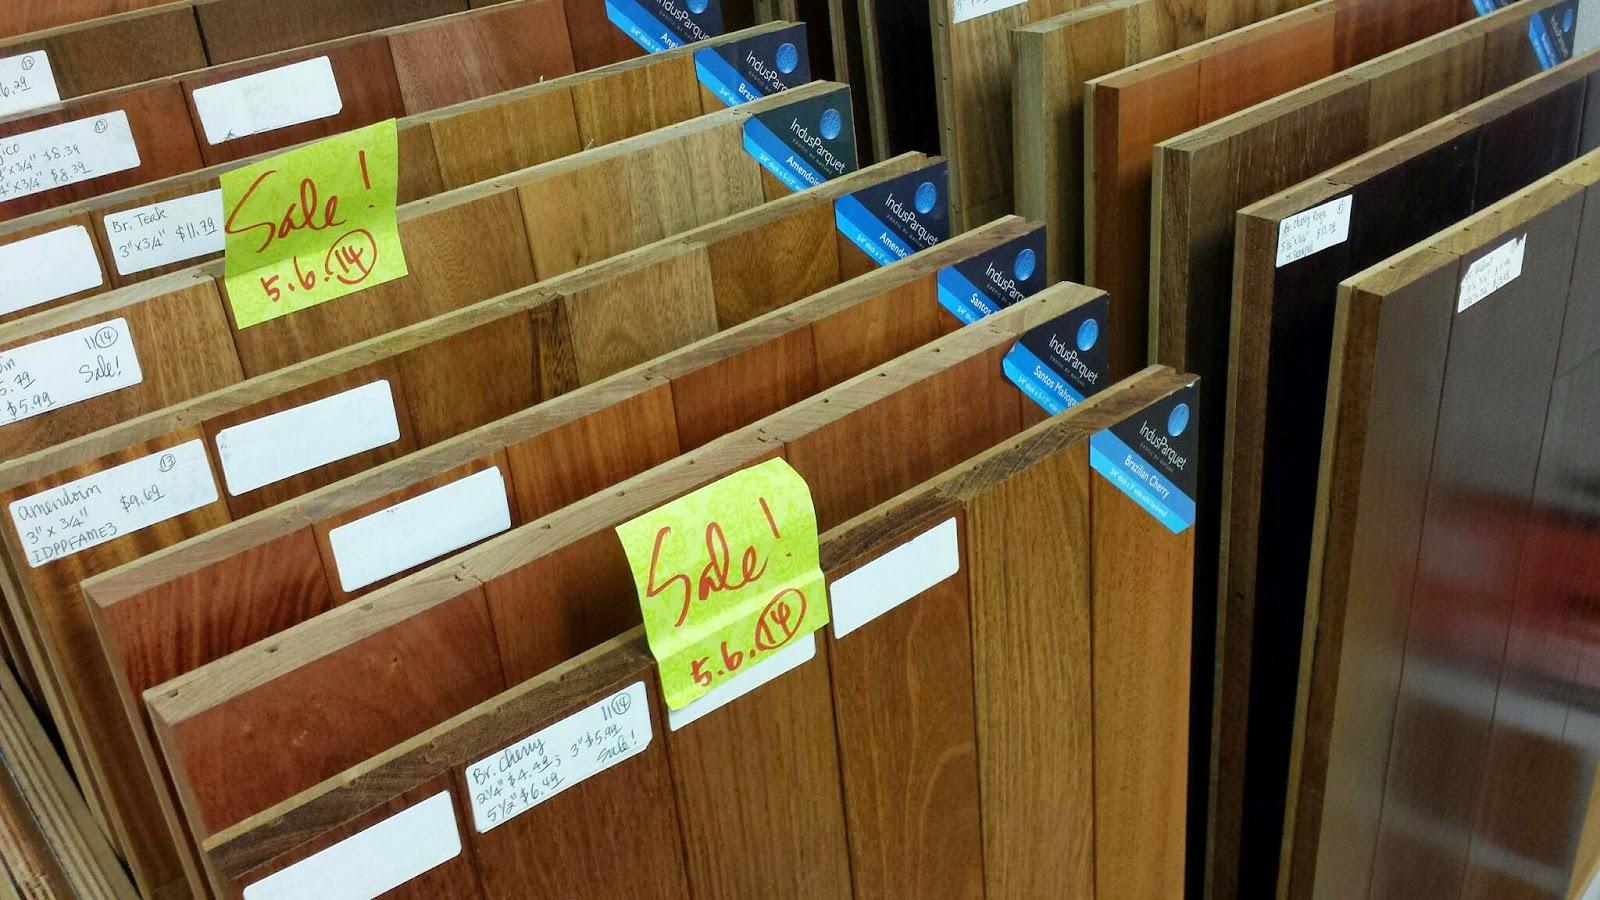 Wholesale hardwood flooring 94 flooring options for for Wholesale hardwood flooring